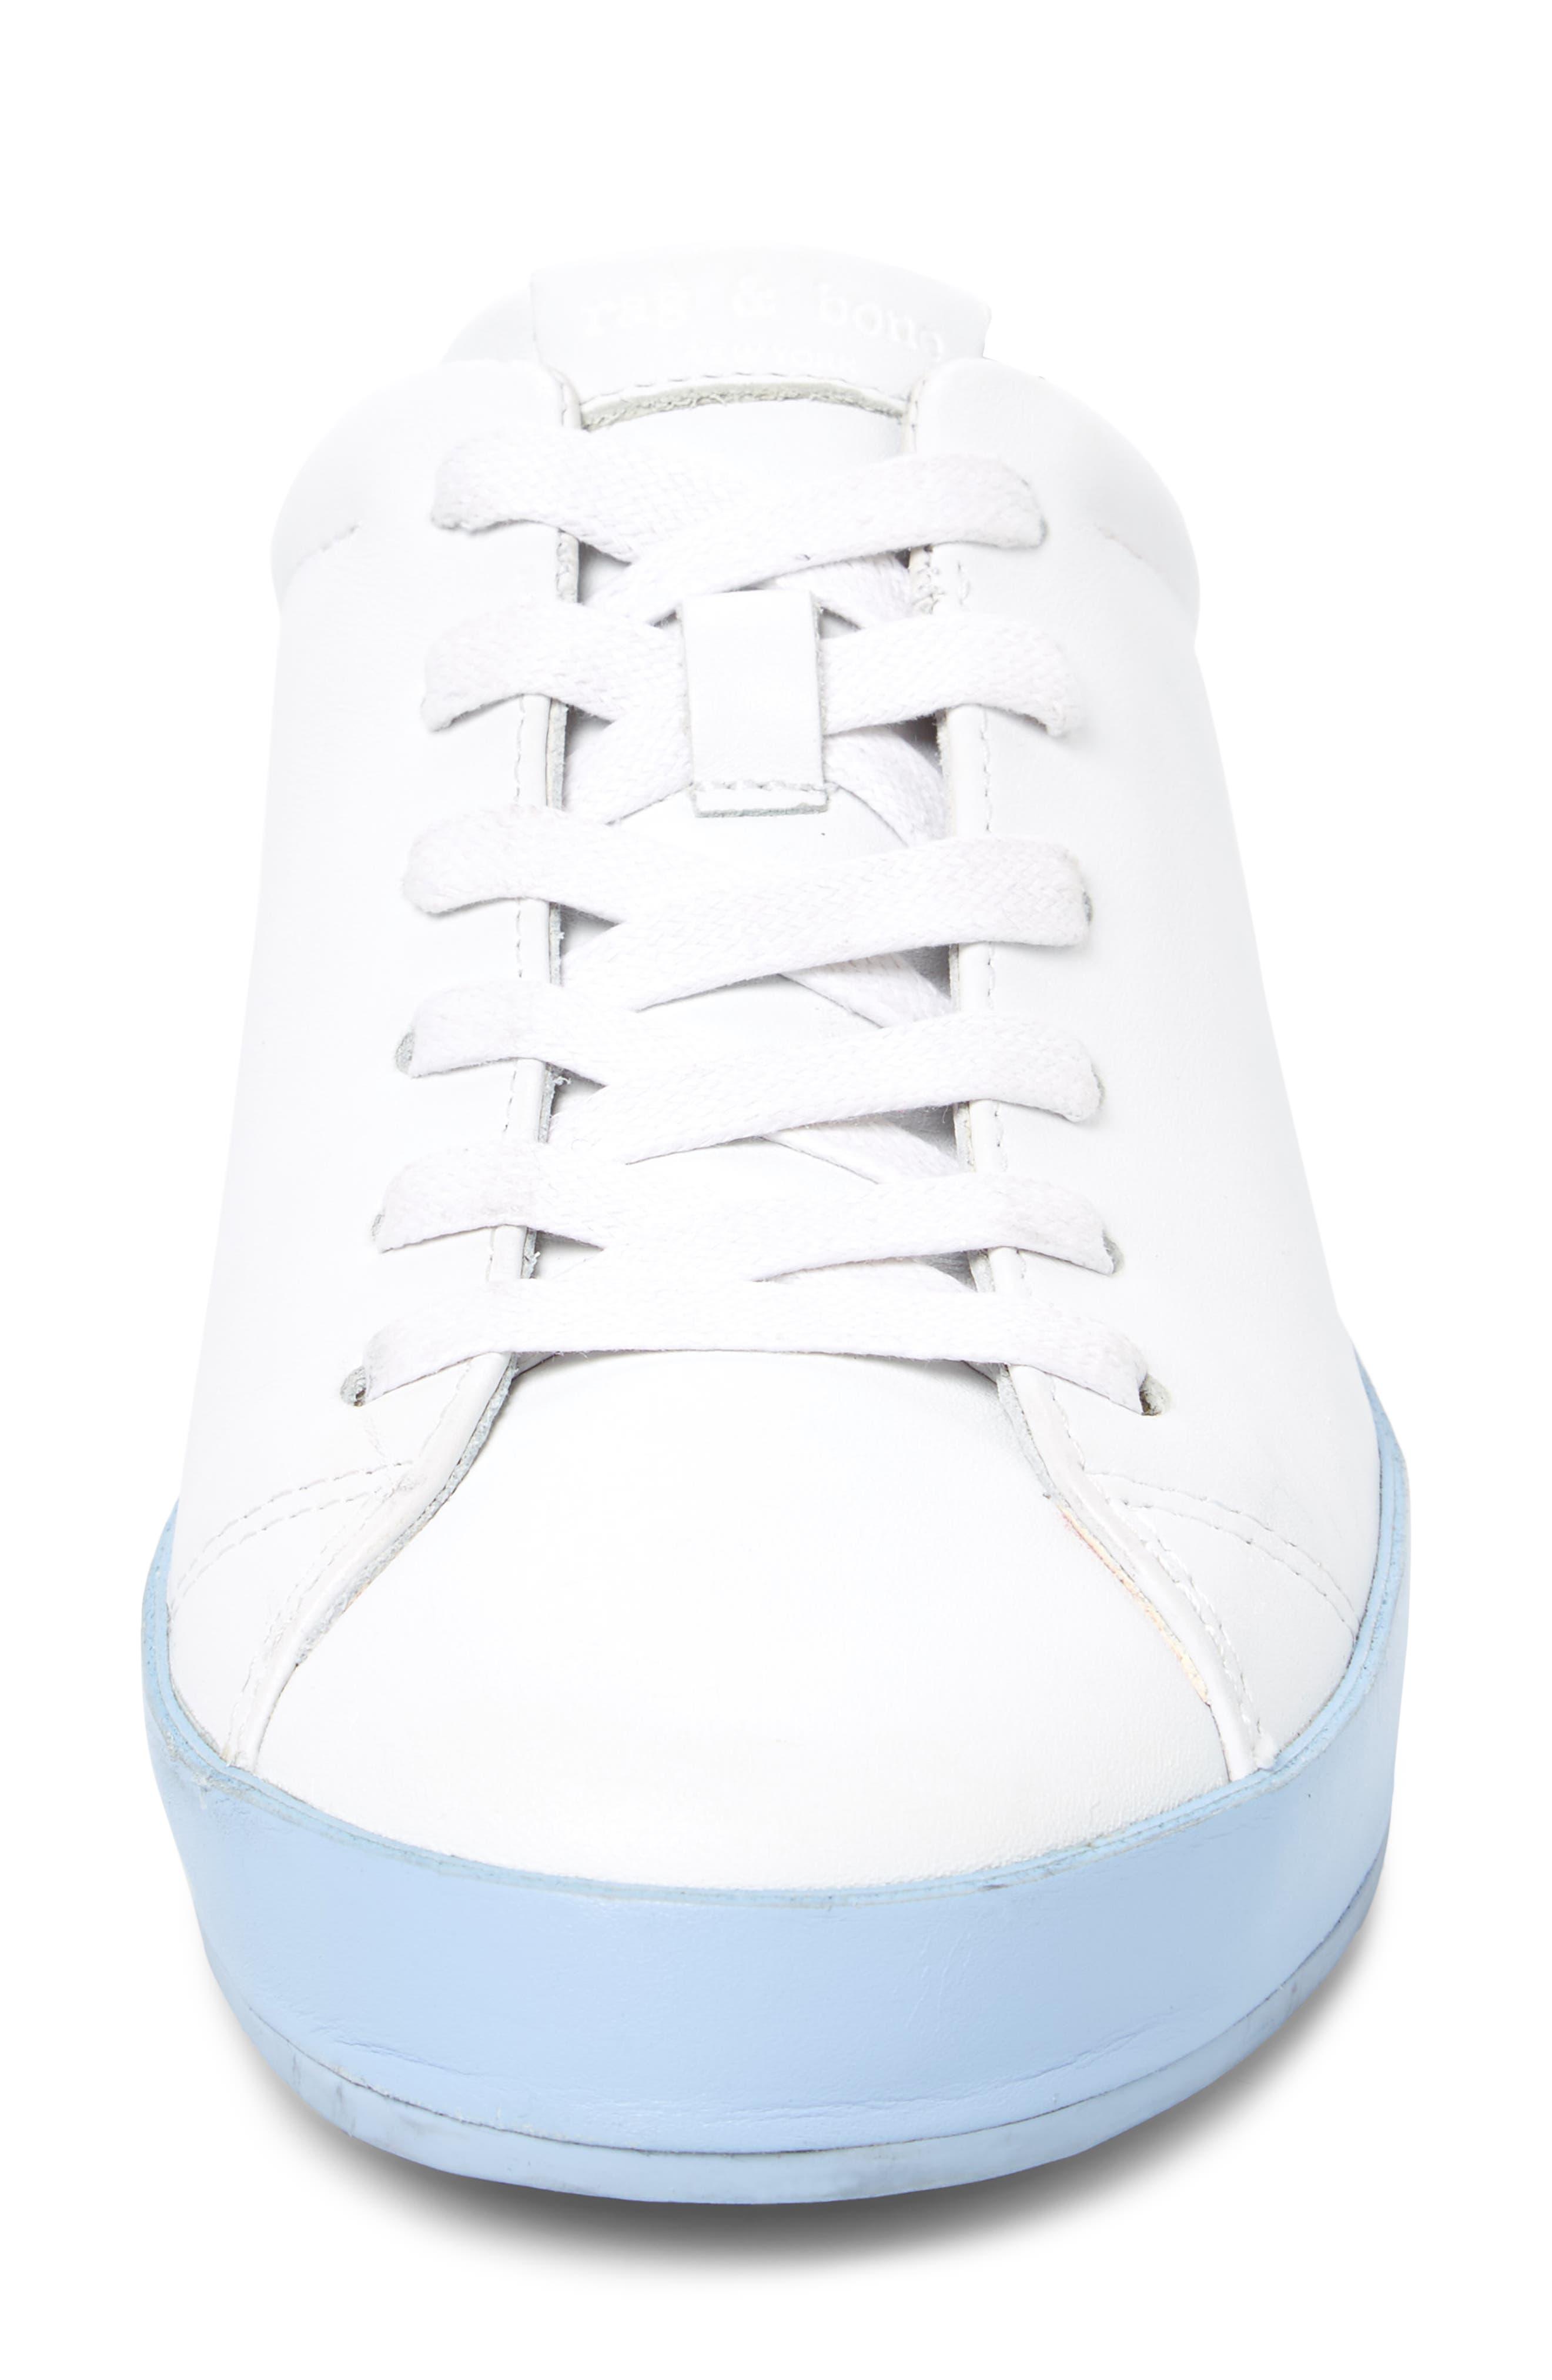 RB1 Slip-On Sneaker,                             Alternate thumbnail 11, color,